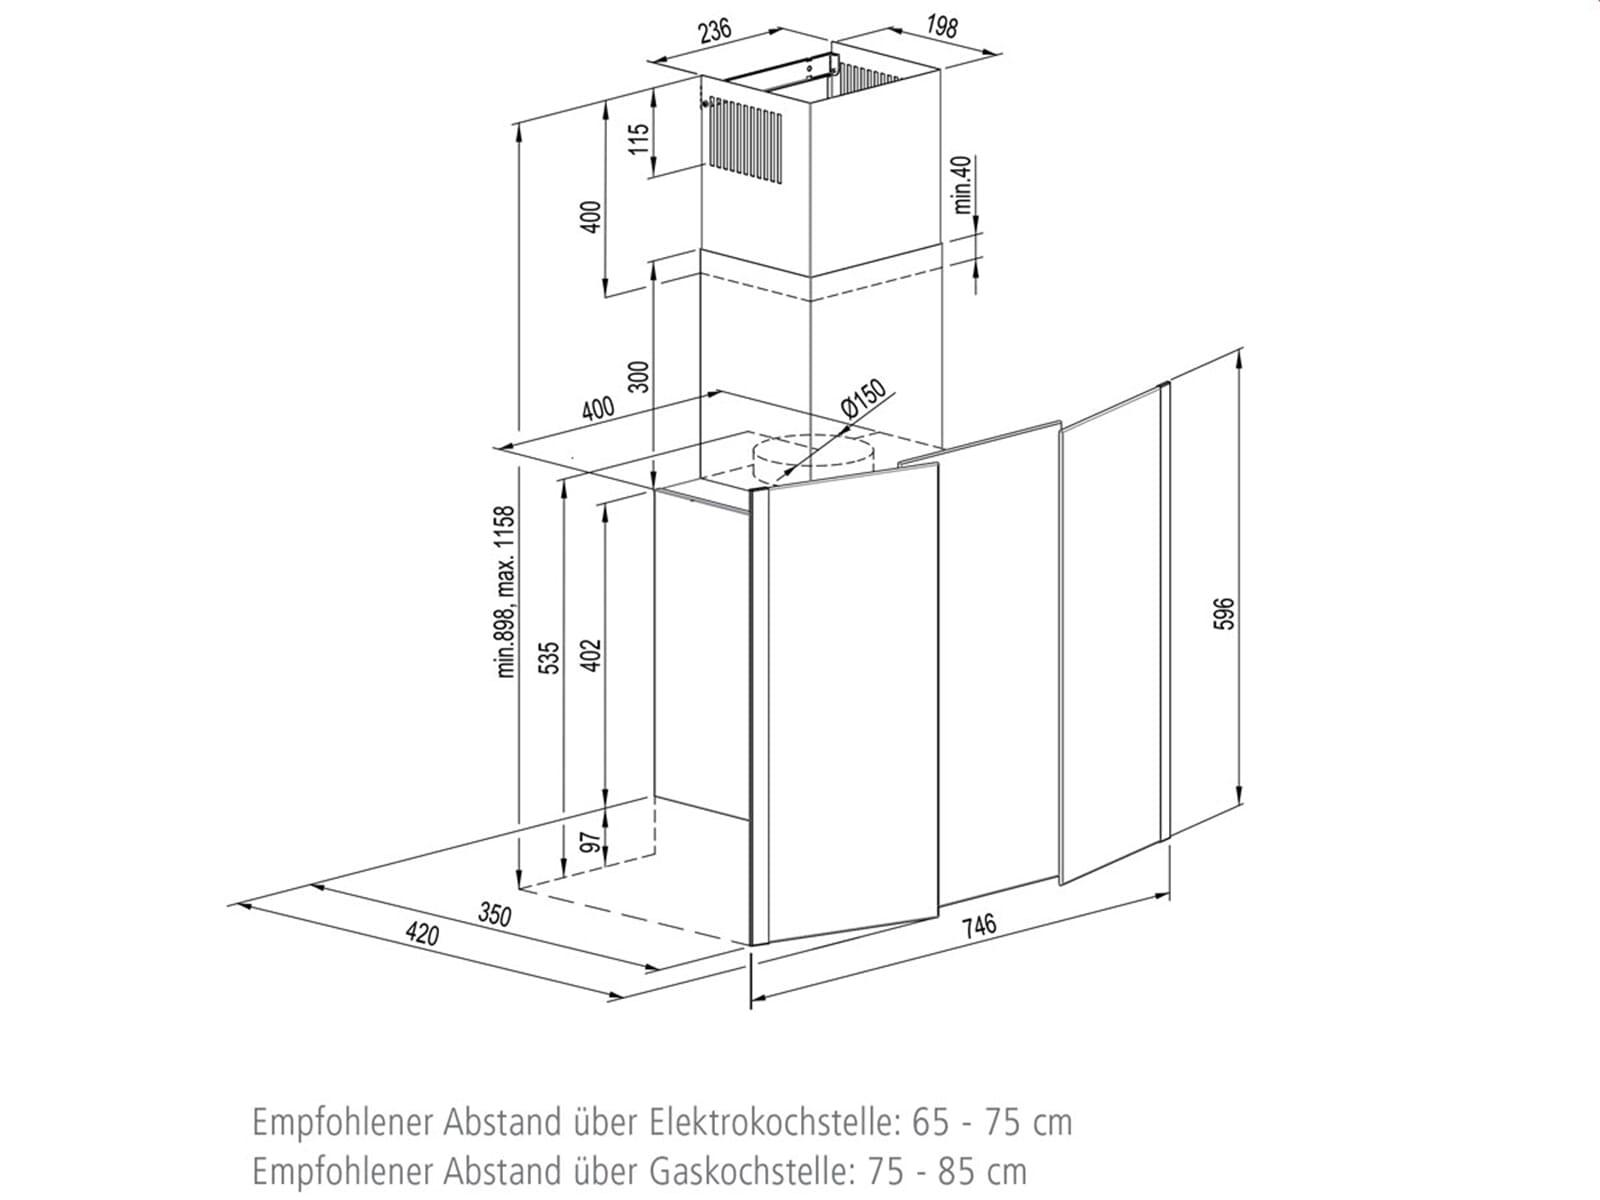 Oranier Stella 75 W - 8754 15 Kopffreihaube 75 cm Edelstahl/Weiß